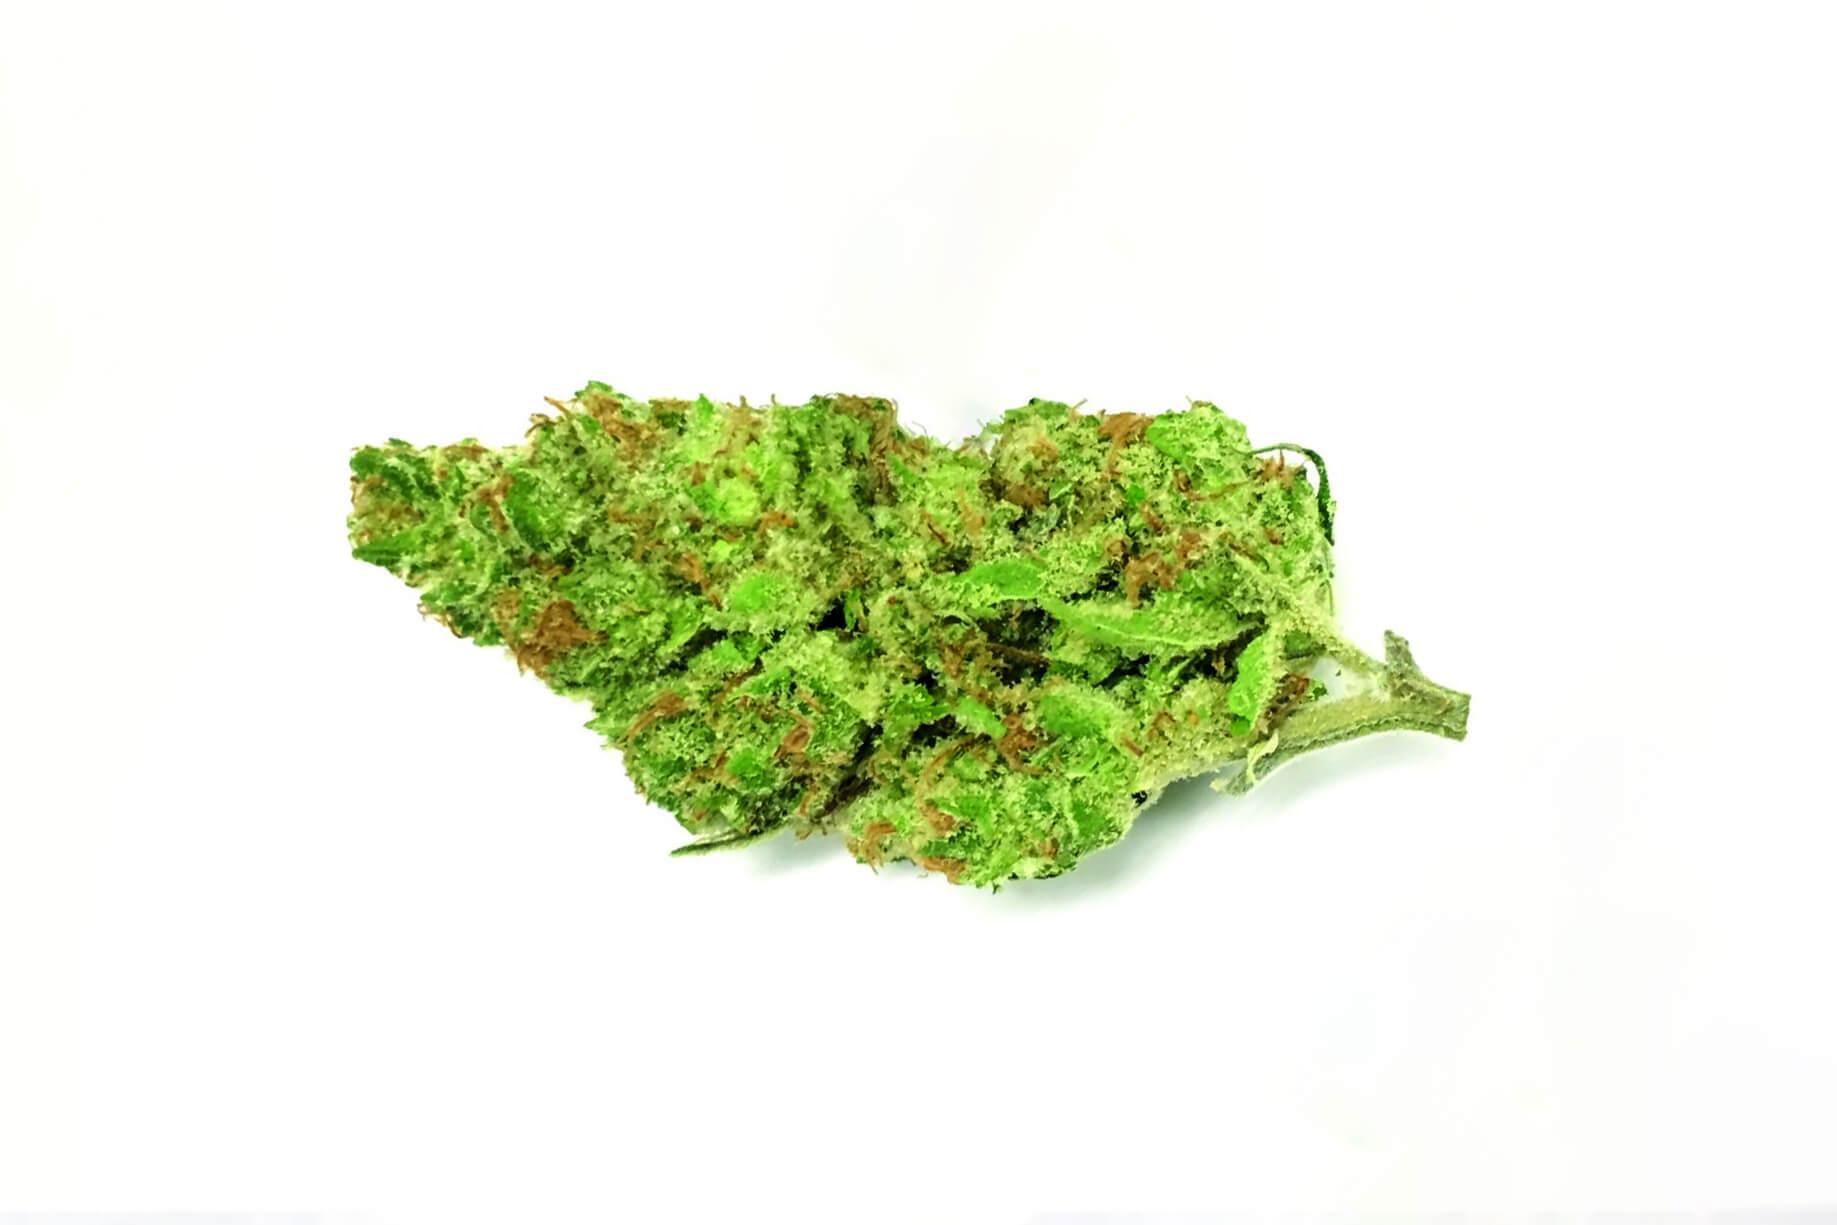 Key Lime Pie (Key Lime GSC) strain photo 2